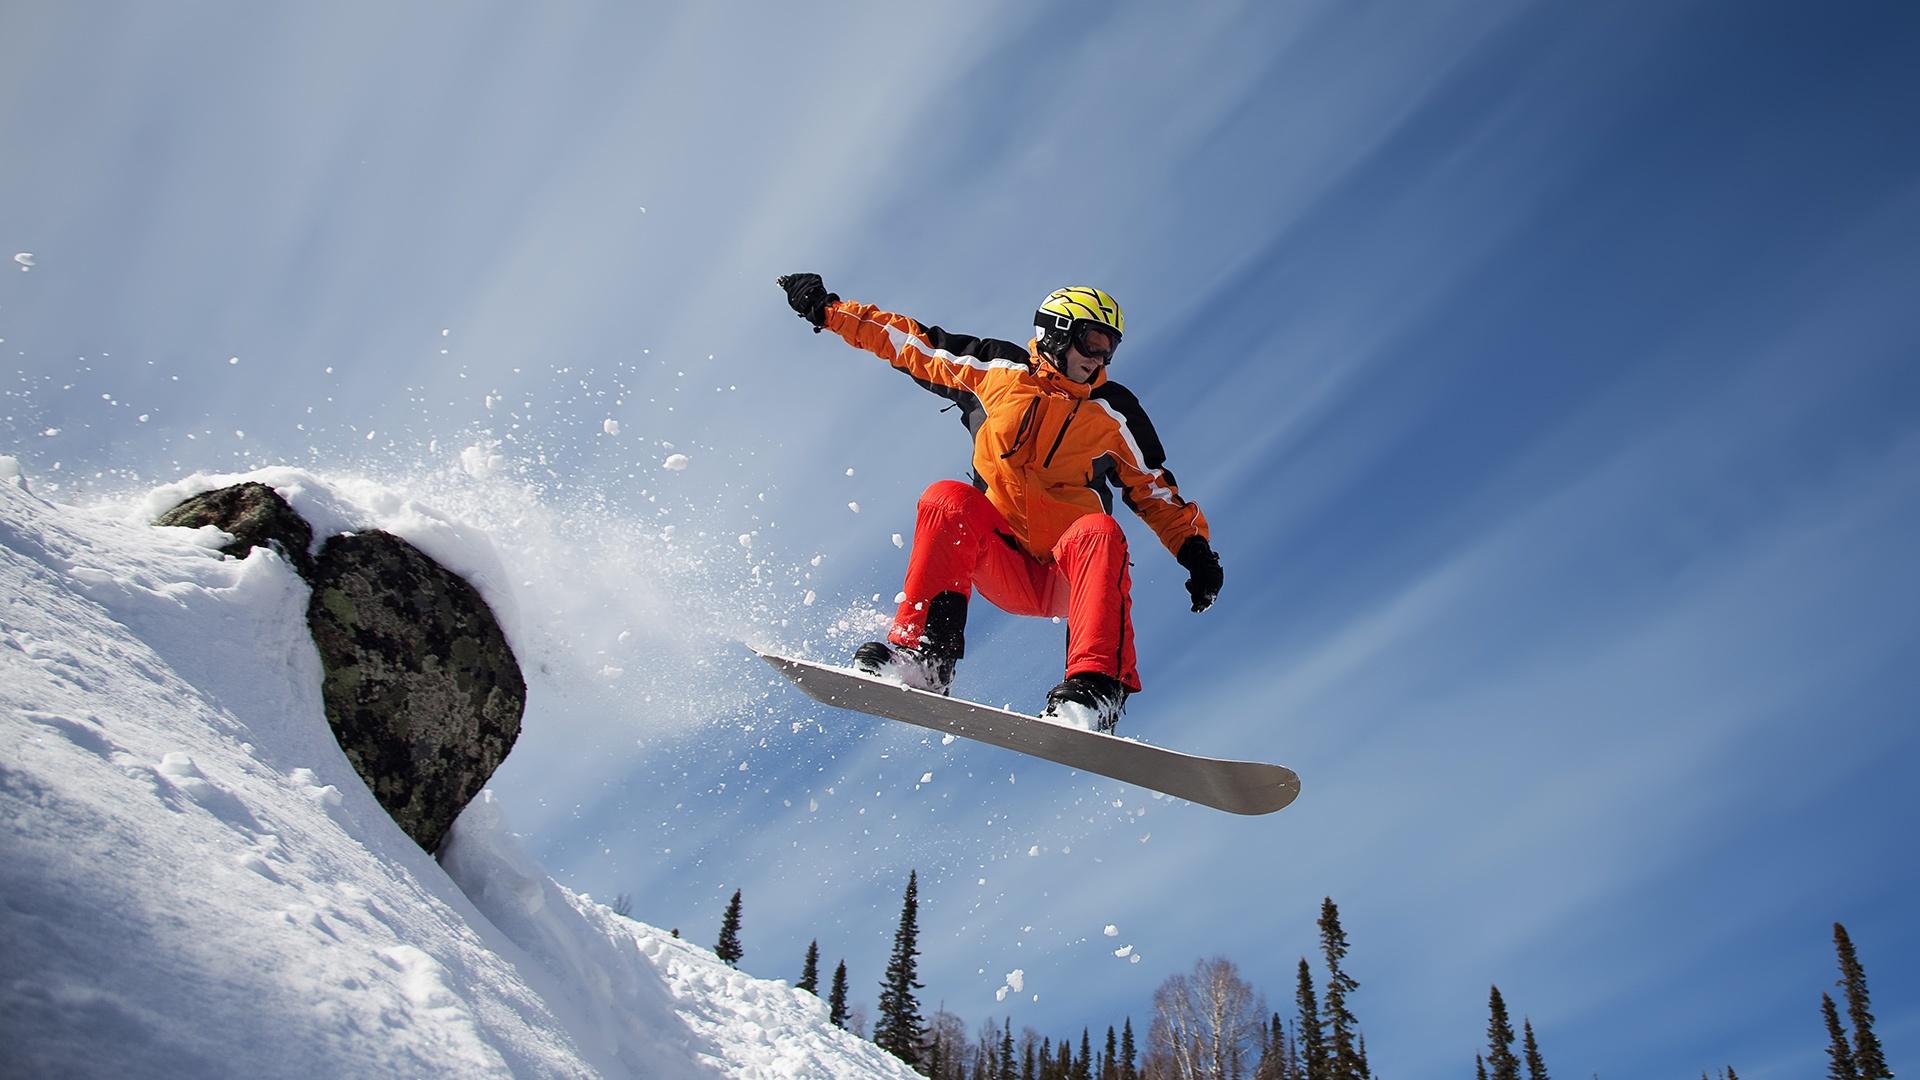 pin snow snowboard mountains - photo #3